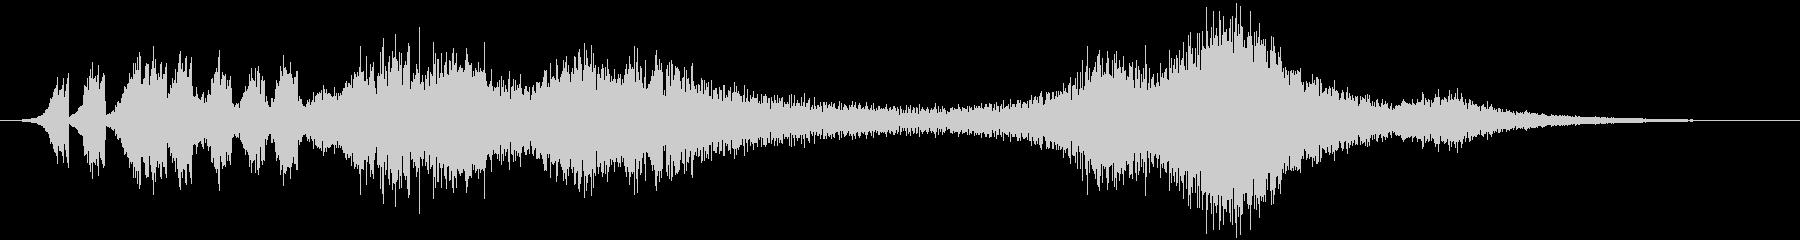 時間の停止や逆行などの抽象的な音#6の未再生の波形